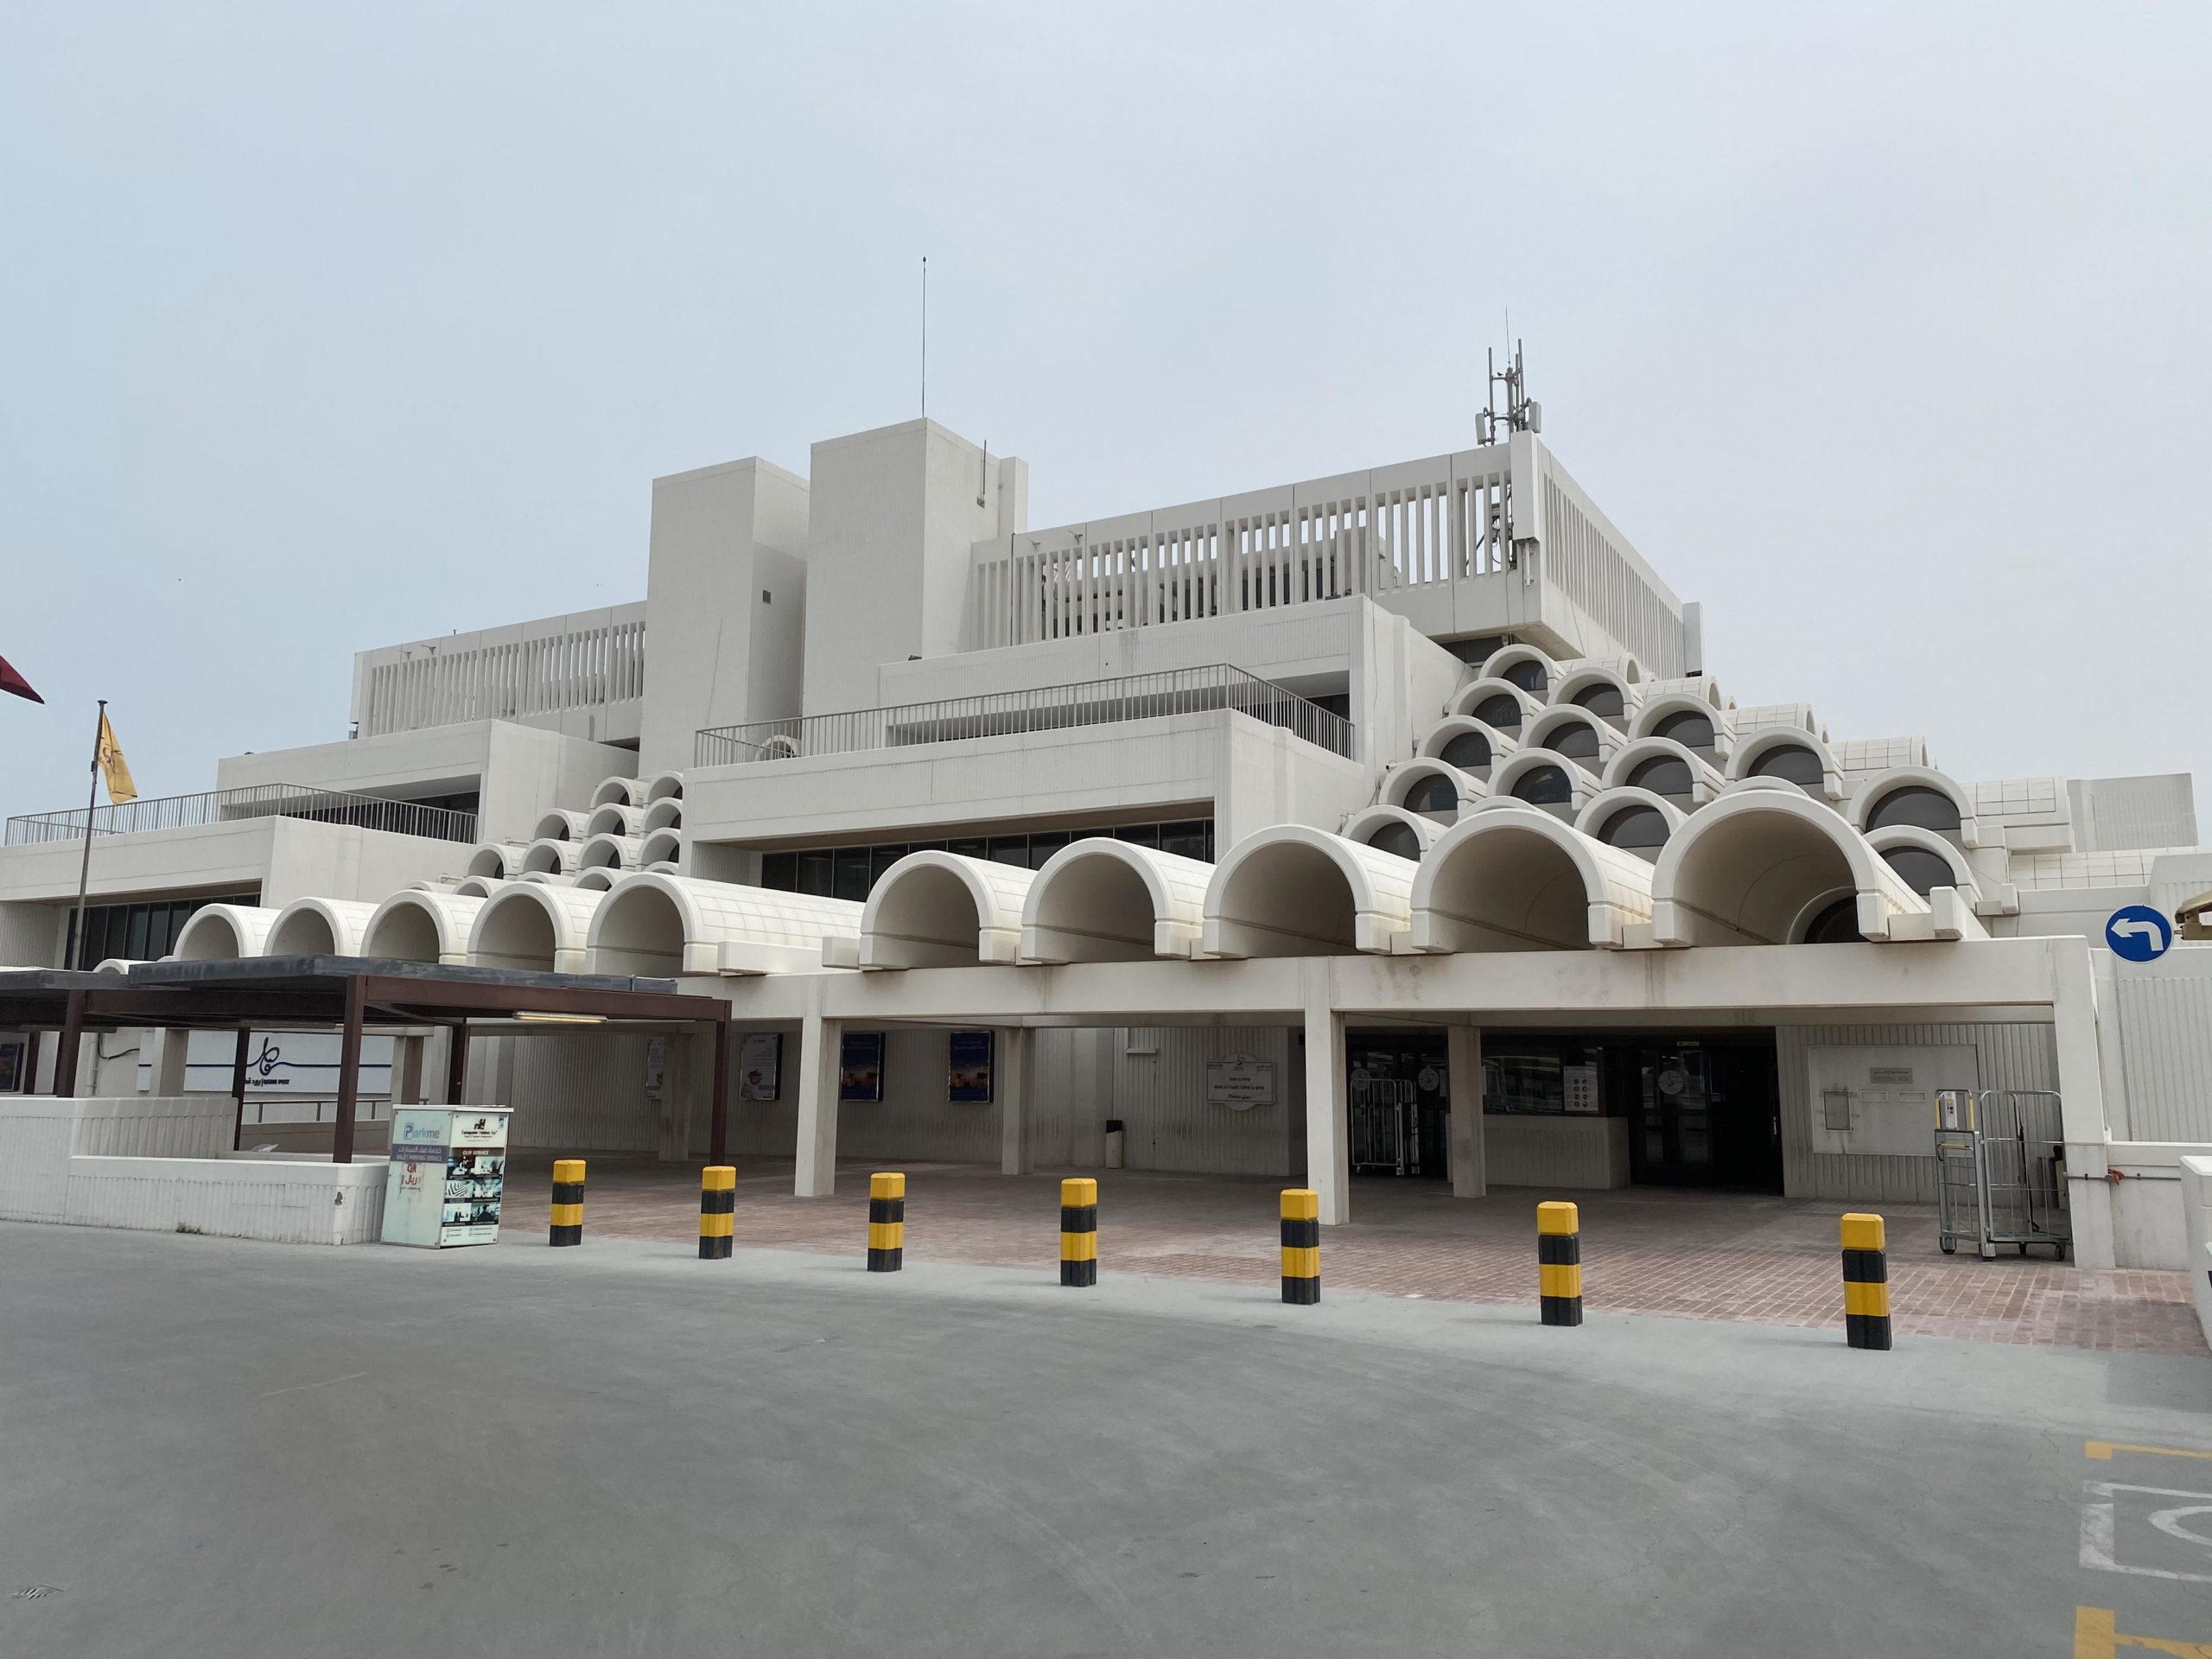 【カタール観光?】カタール総合郵便局の建物が面白いから投稿してみた